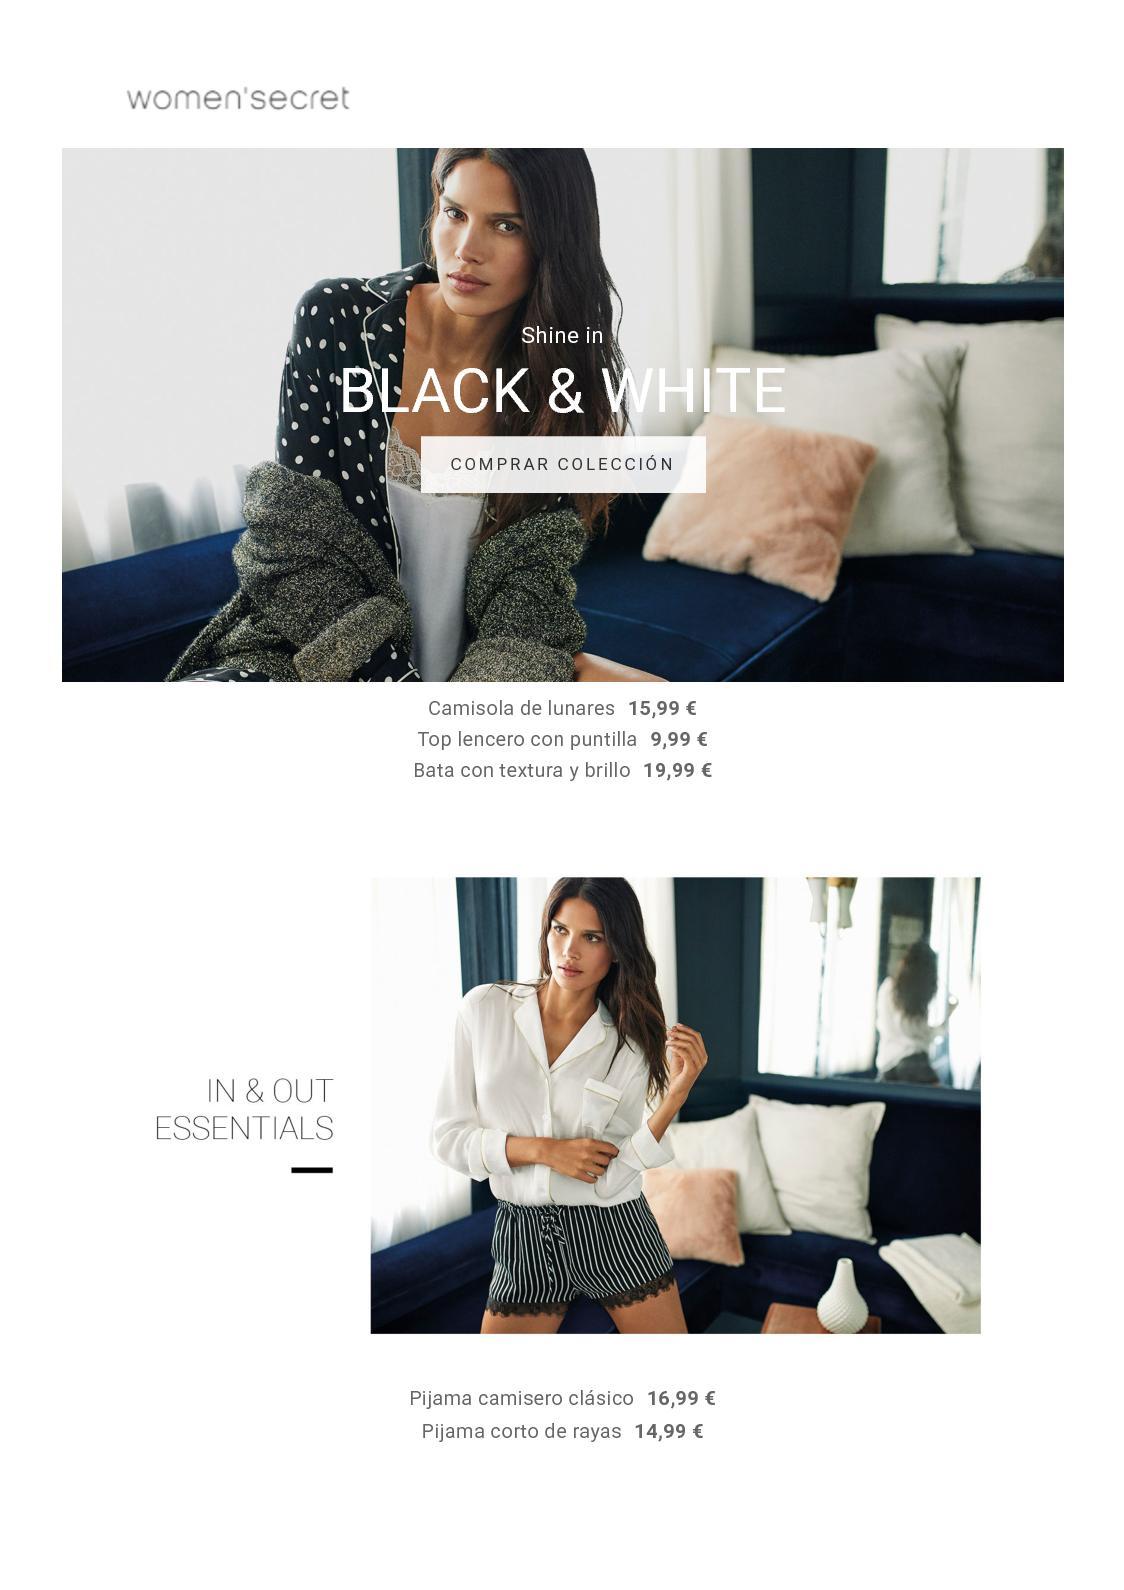 Women'Secret: Black and White